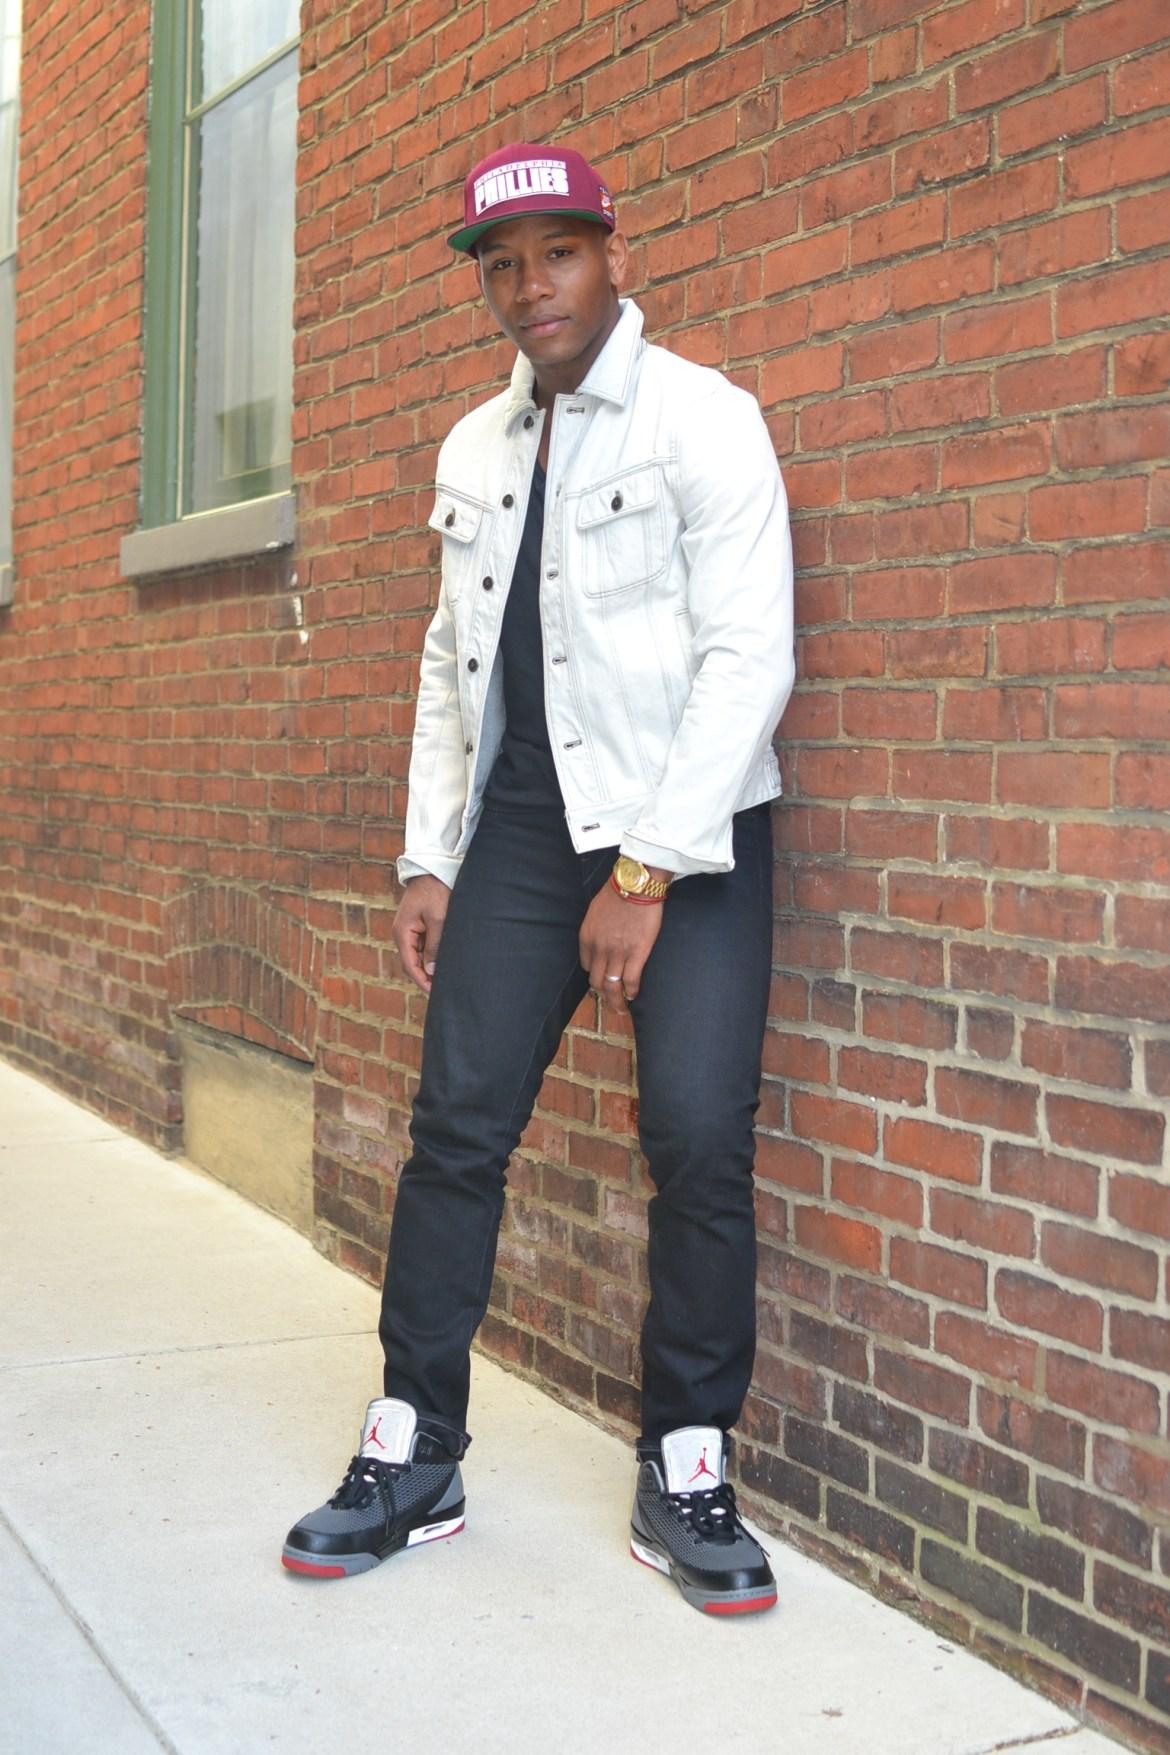 Sabir Peele in Onassis Clothing Bleached Denim Jacket